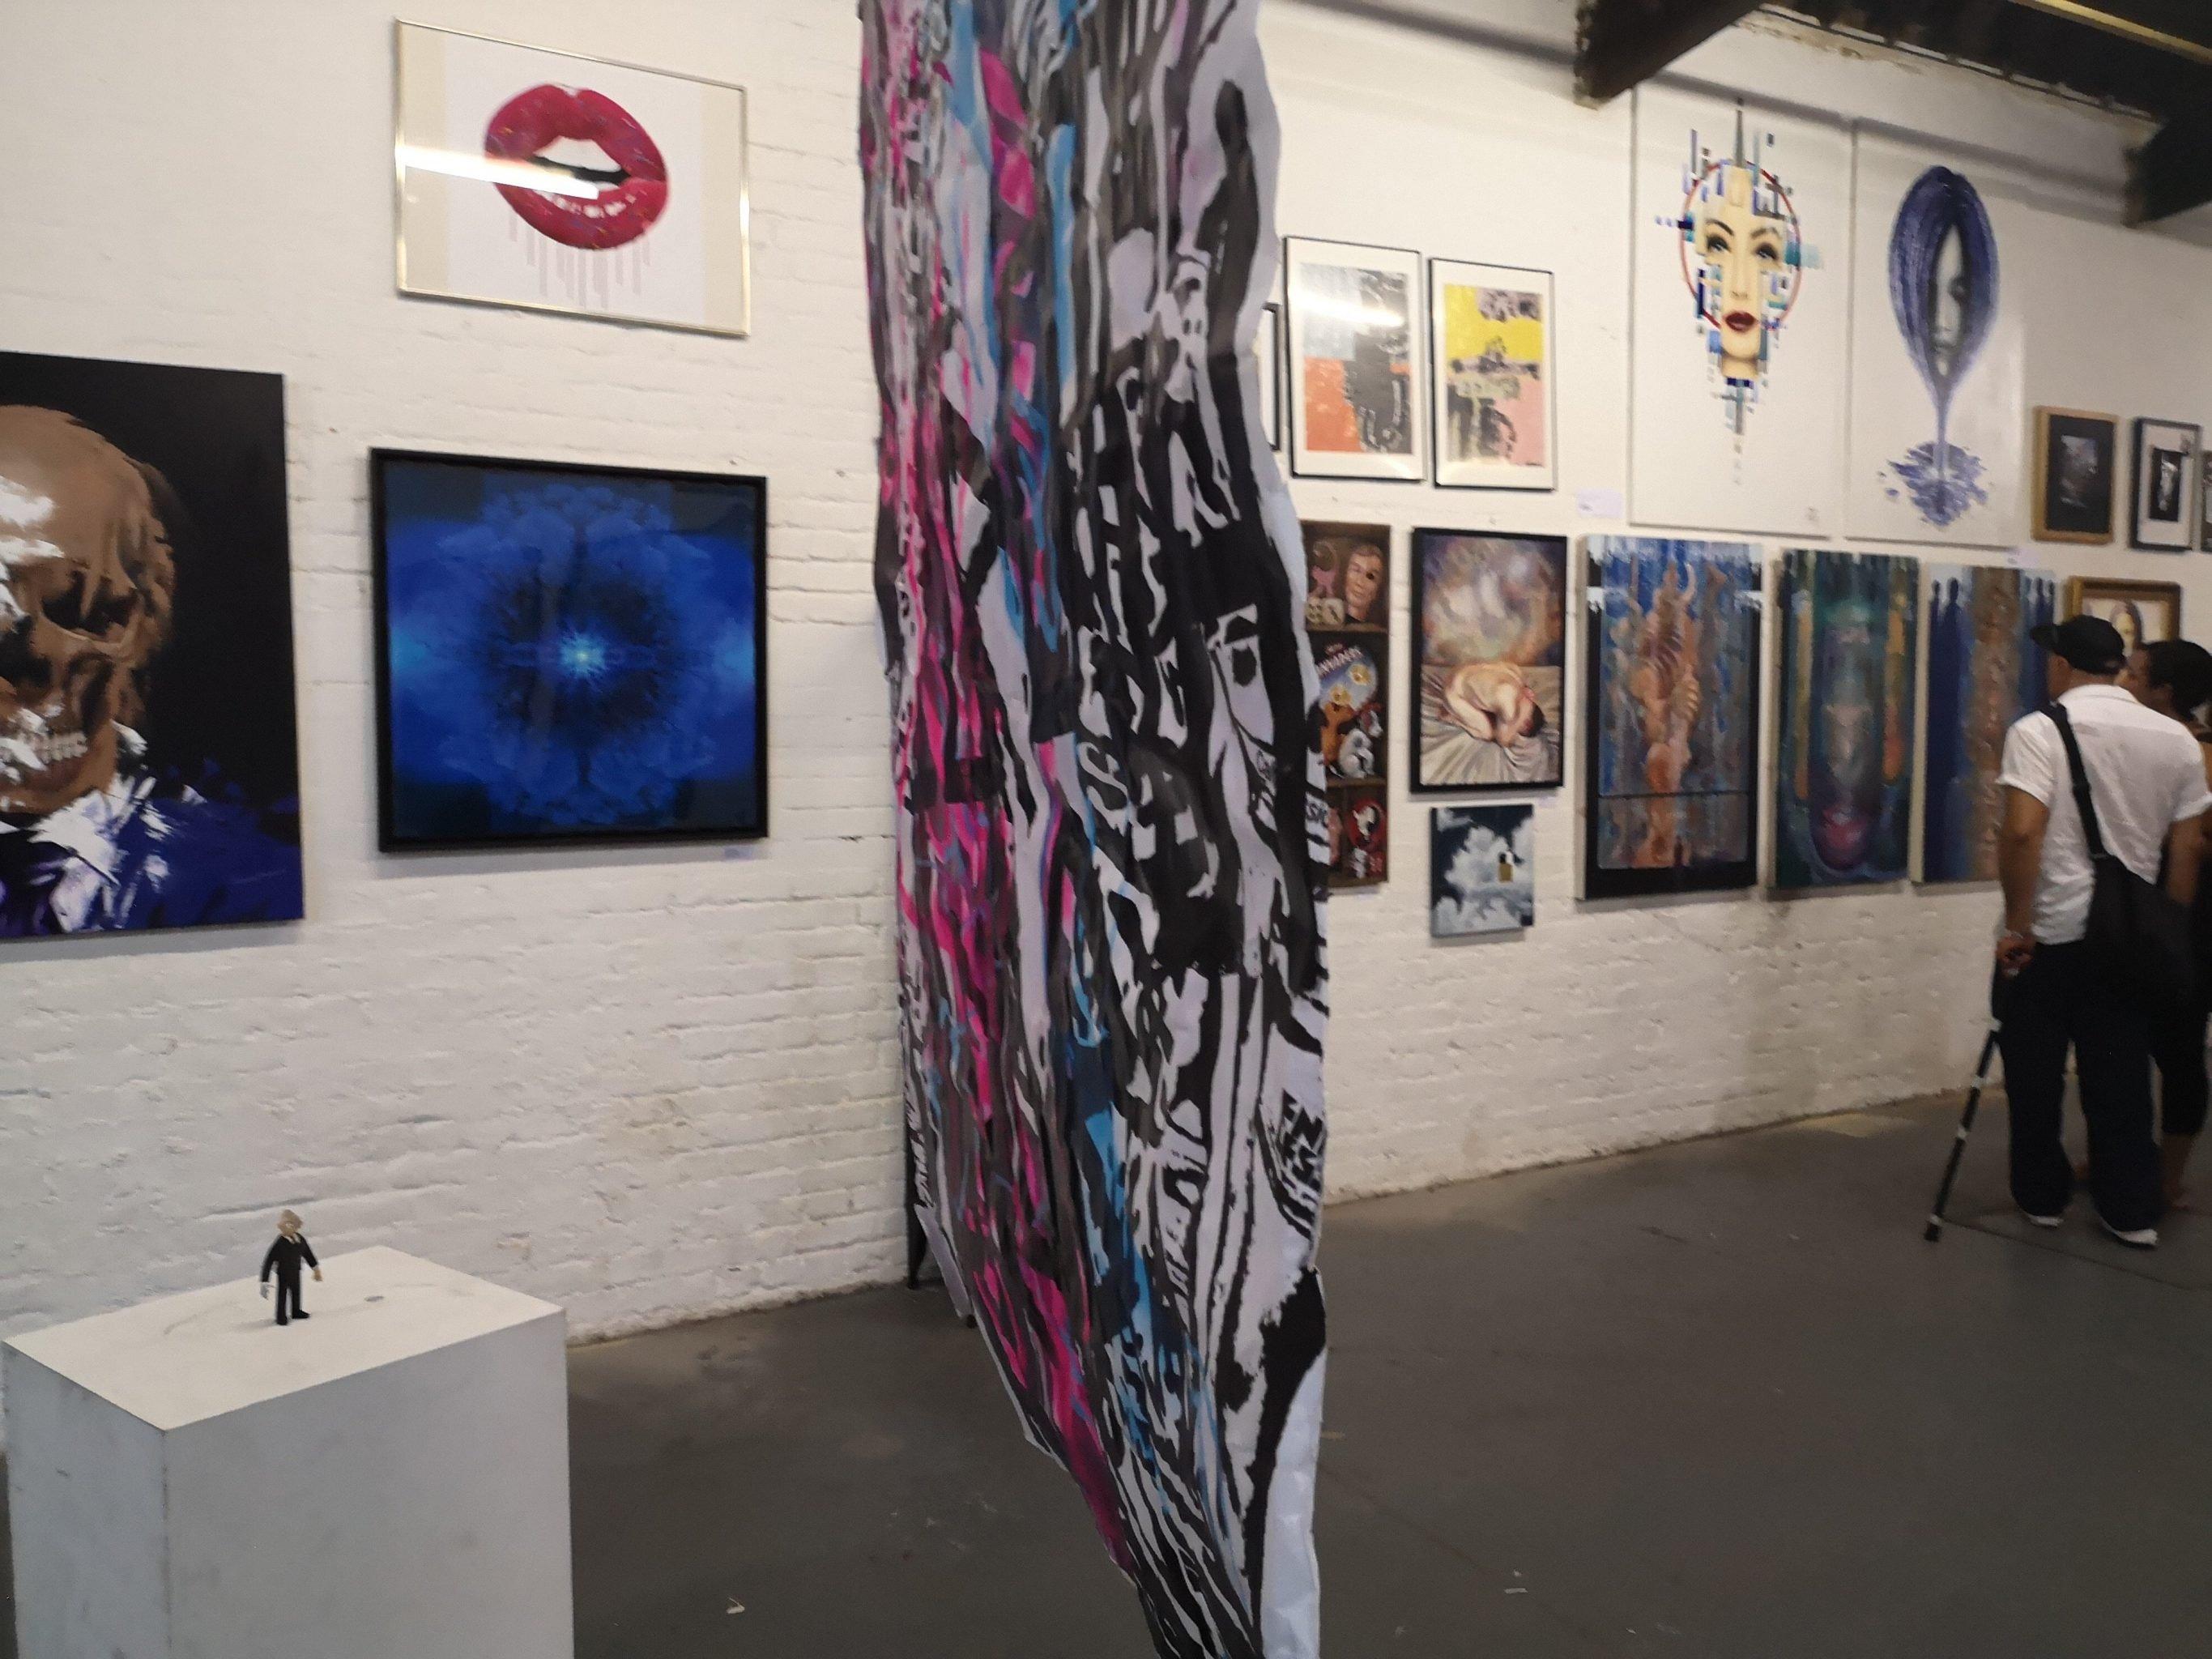 50/50 exhibition - August 2018